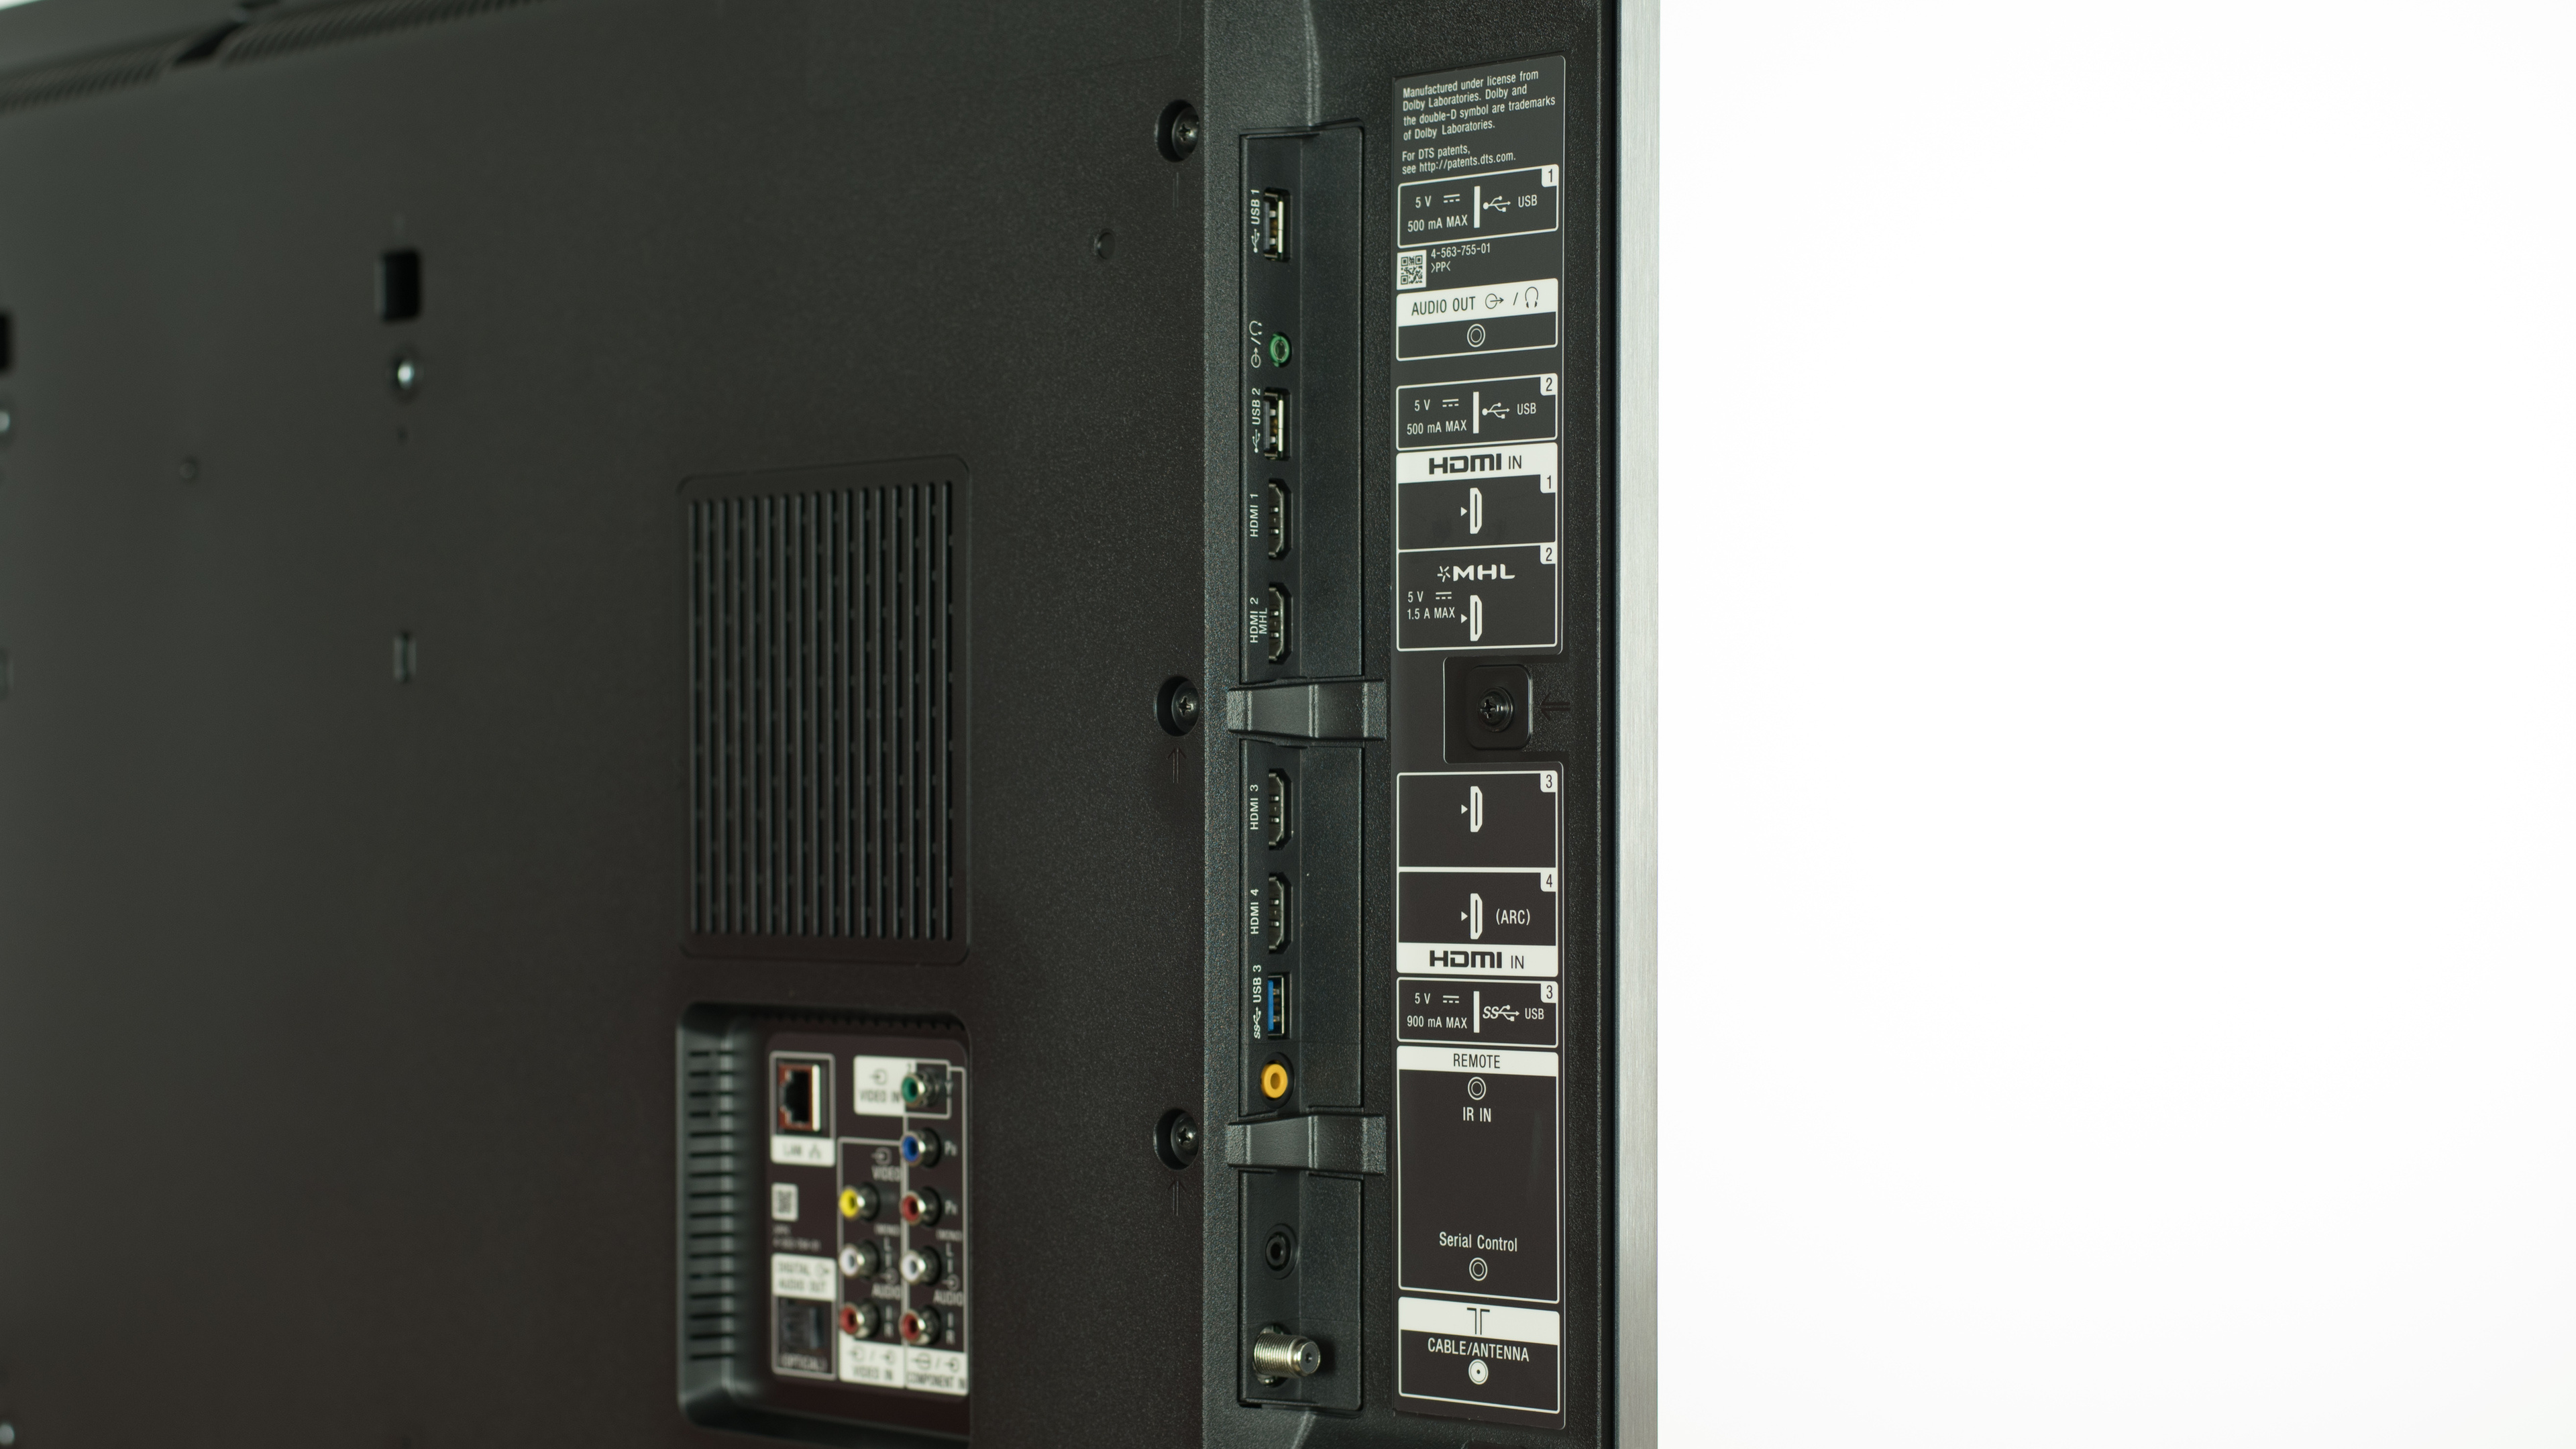 Sony X830c Review Xbr43x830c Xbr49x830c